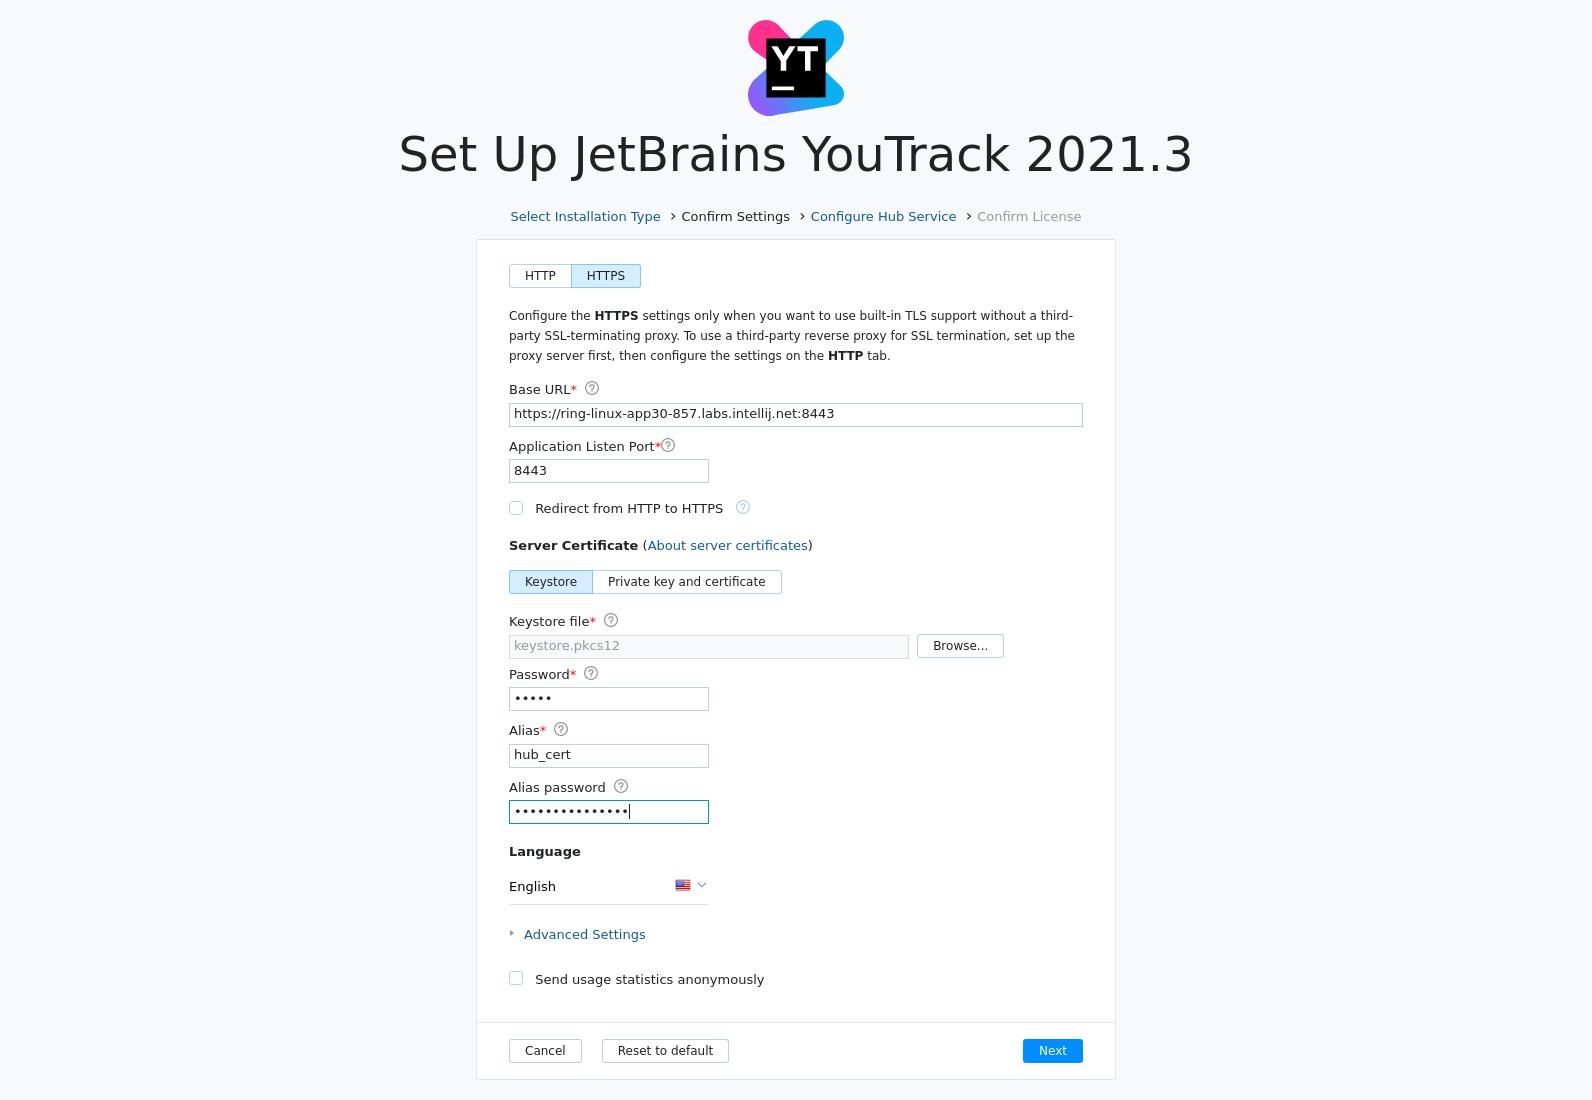 Install: HTTPS basic settings